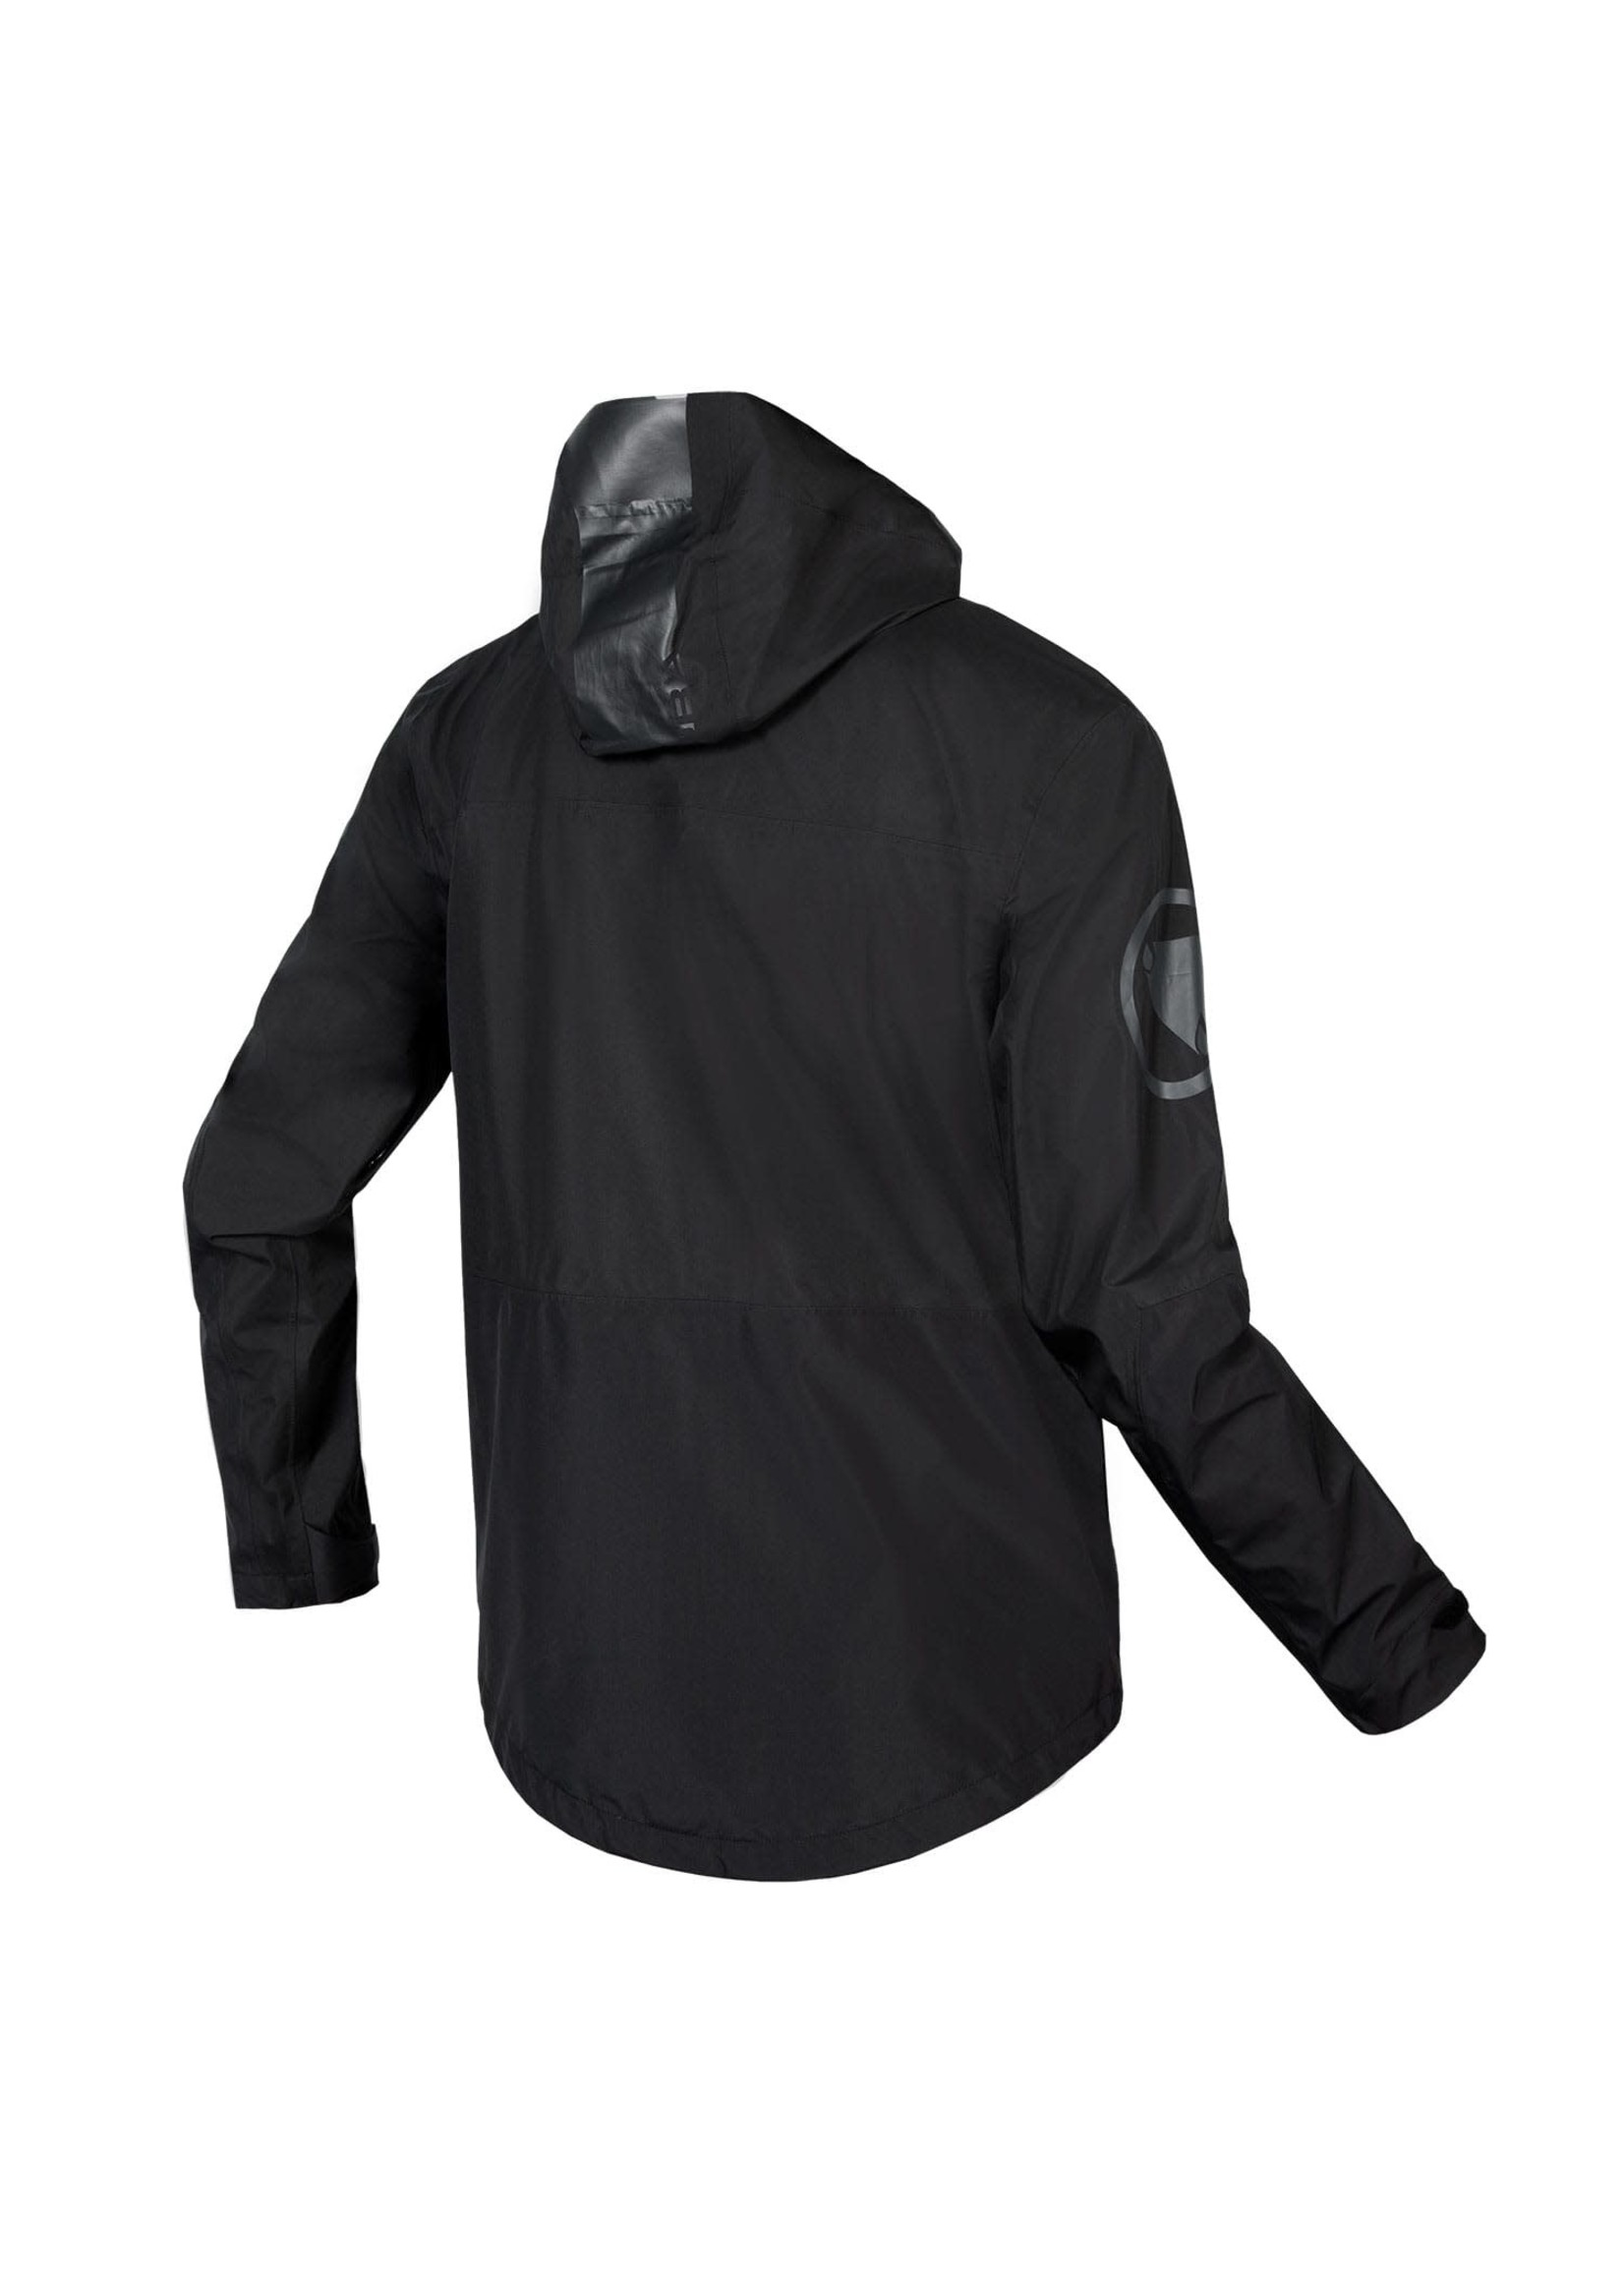 Endura SingleTrack Waterproof Jacket, Black, Large